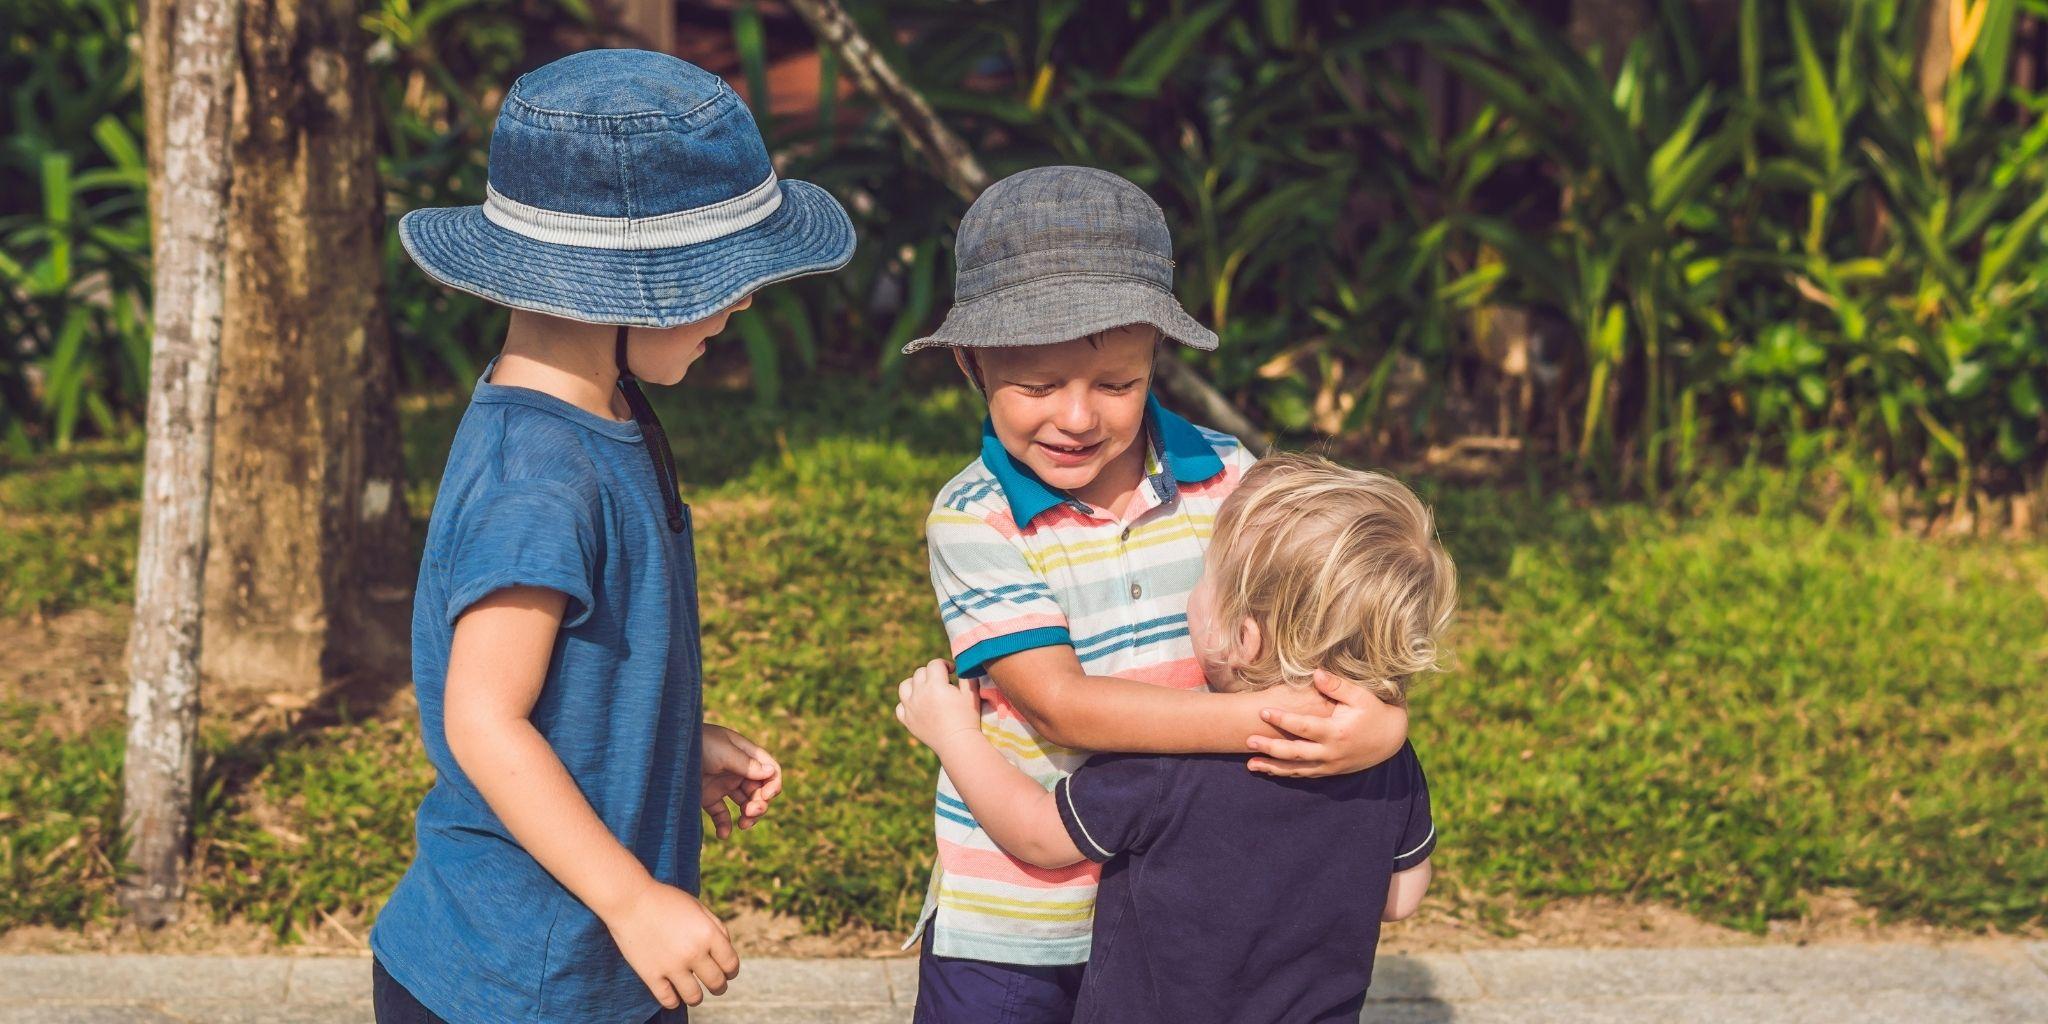 Costo baby sitter: considera l'età diversa dei bambini